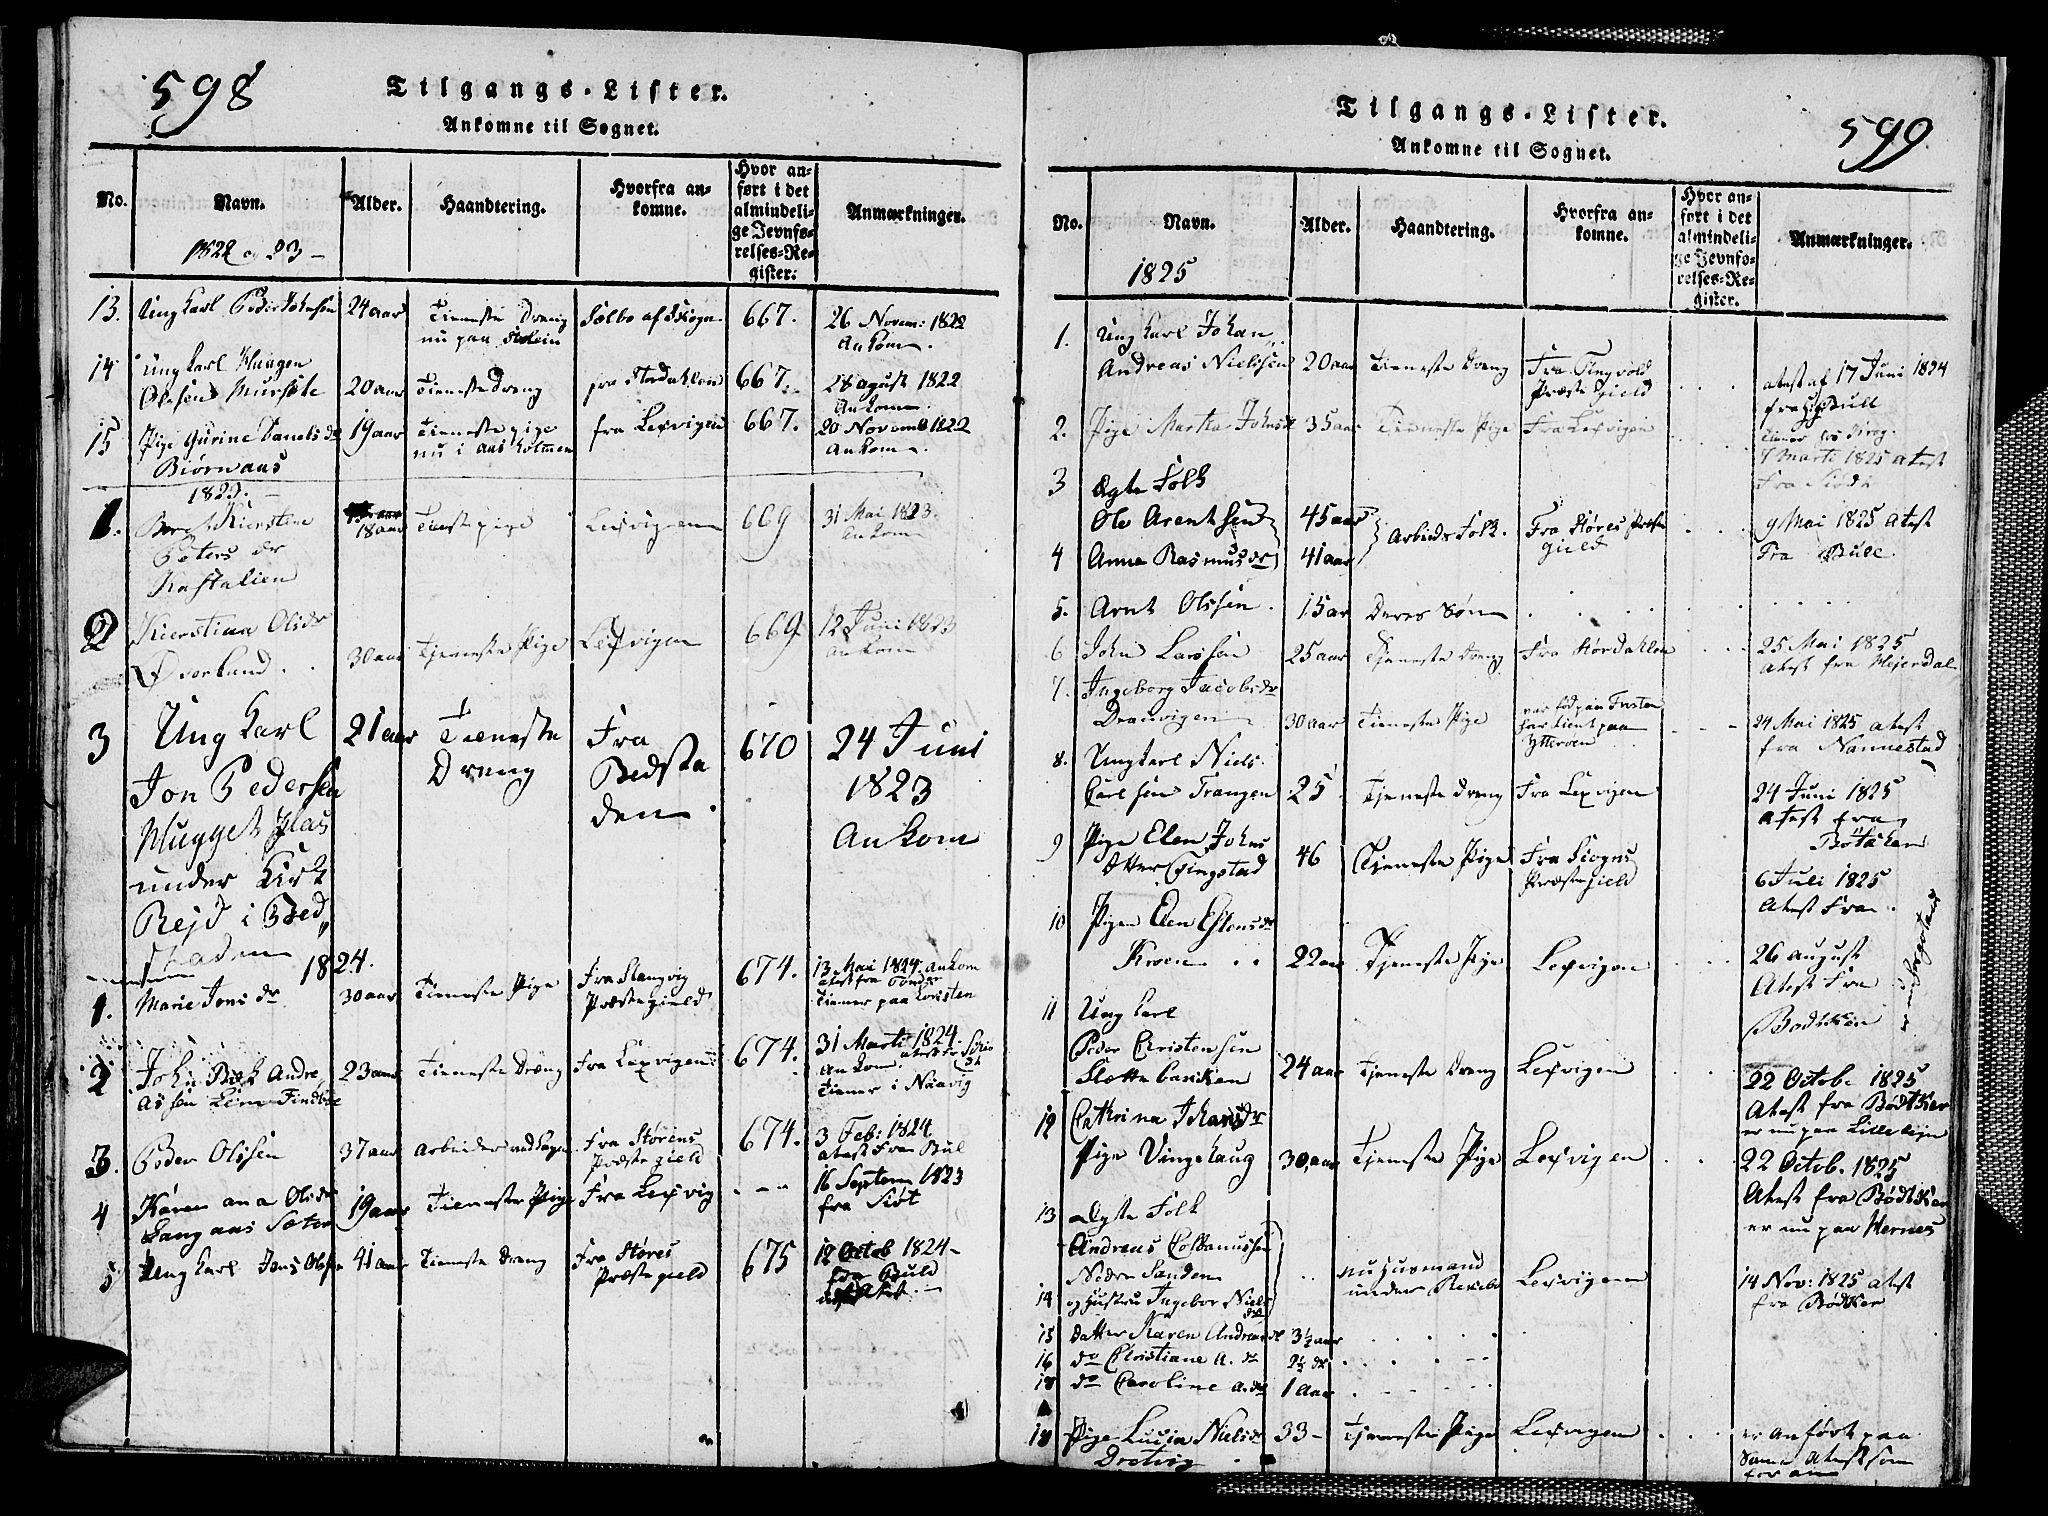 SAT, Ministerialprotokoller, klokkerbøker og fødselsregistre - Nord-Trøndelag, 713/L0124: Klokkerbok nr. 713C01, 1817-1827, s. 598-599